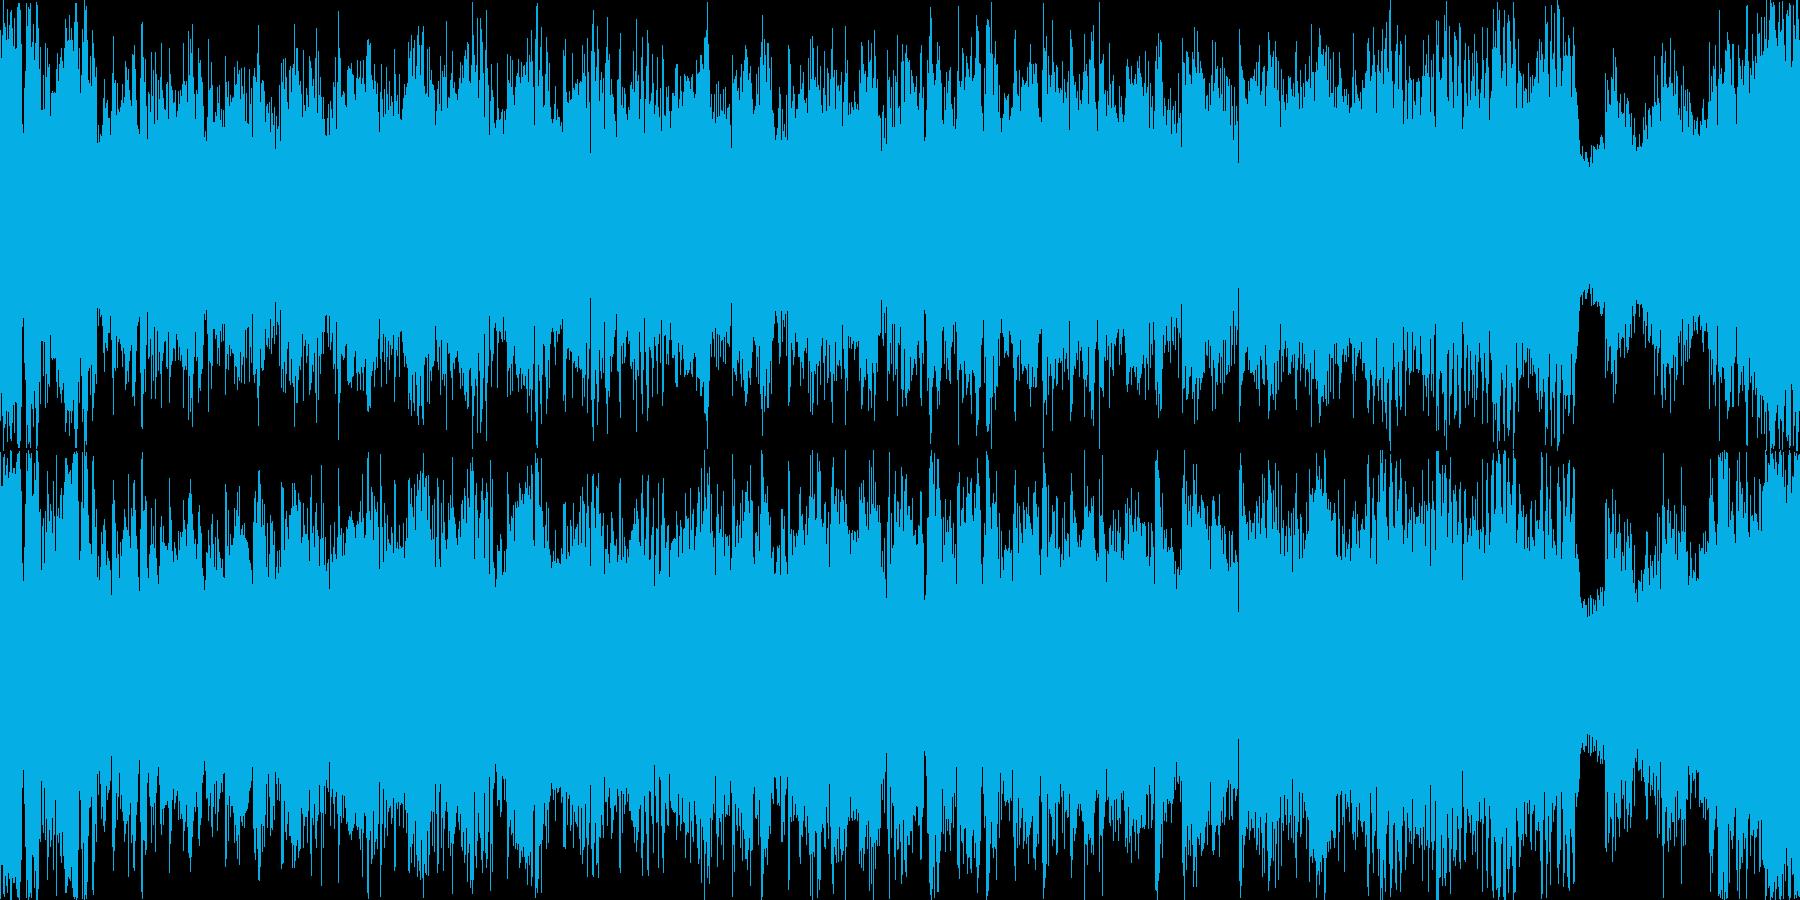 【ループB】パワフルで高揚感ピアノEDMの再生済みの波形